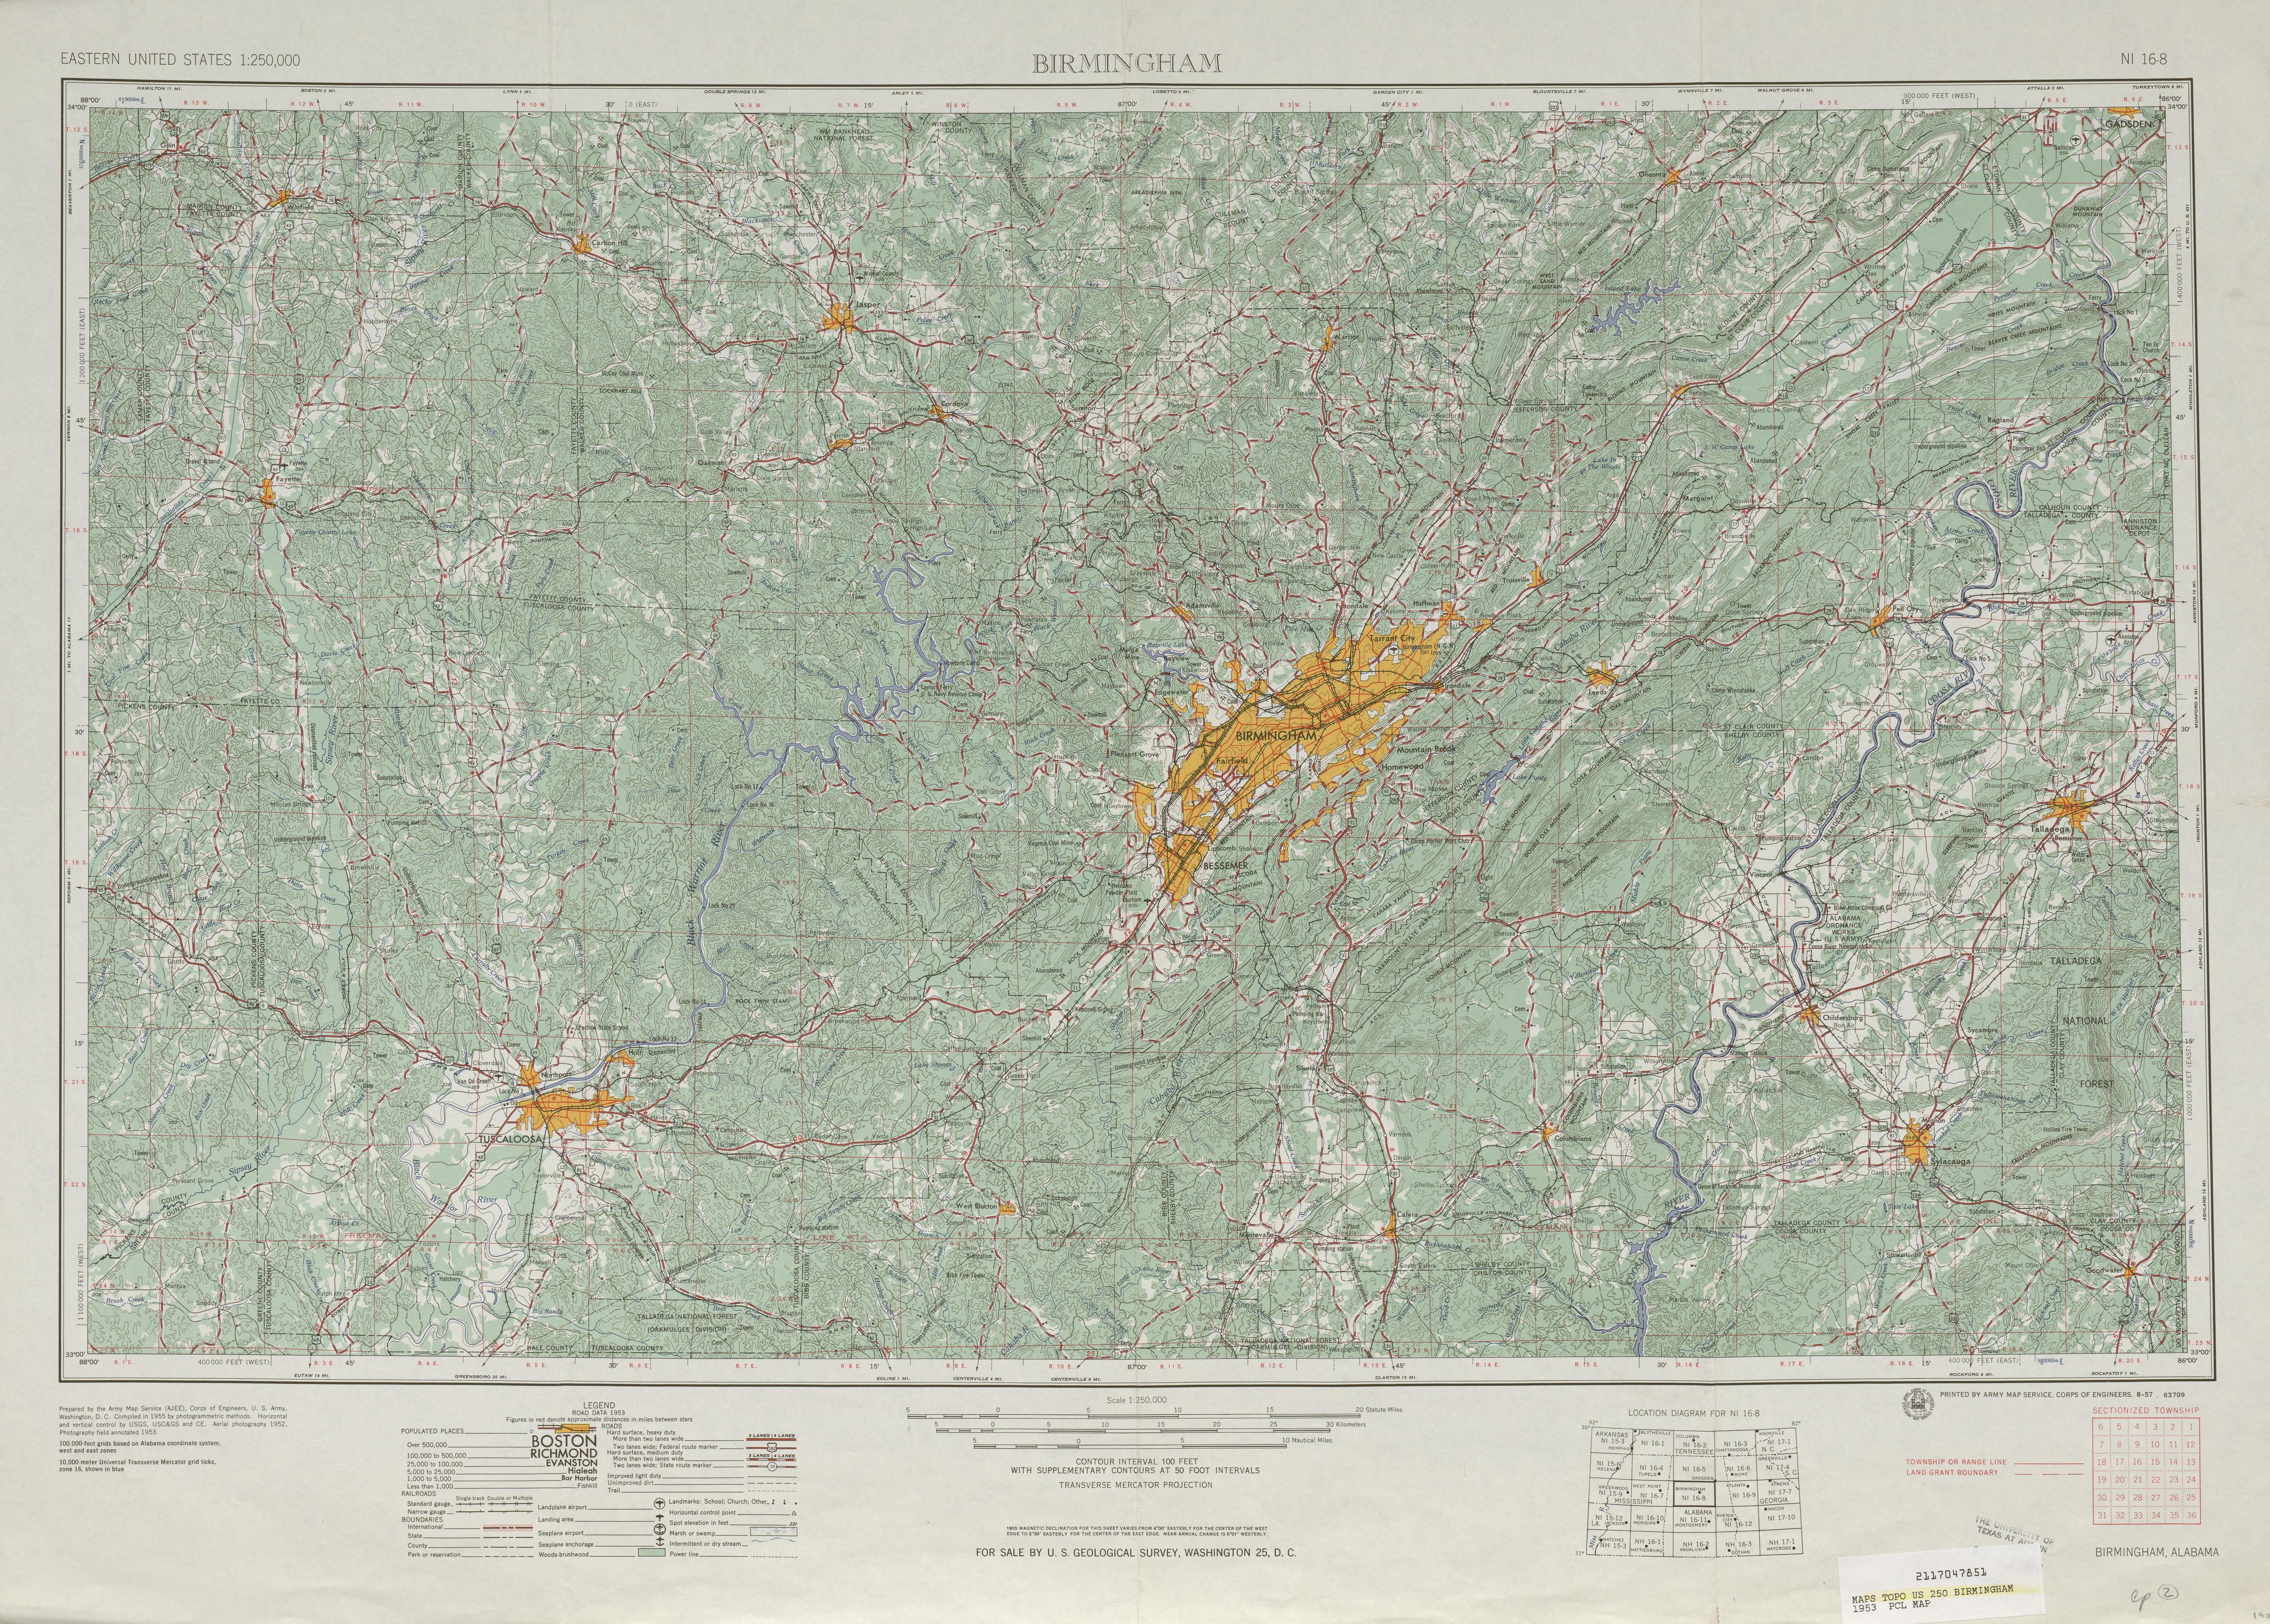 Hoja Birmingham del Mapa Topográfico de los Estados Unidos 1953